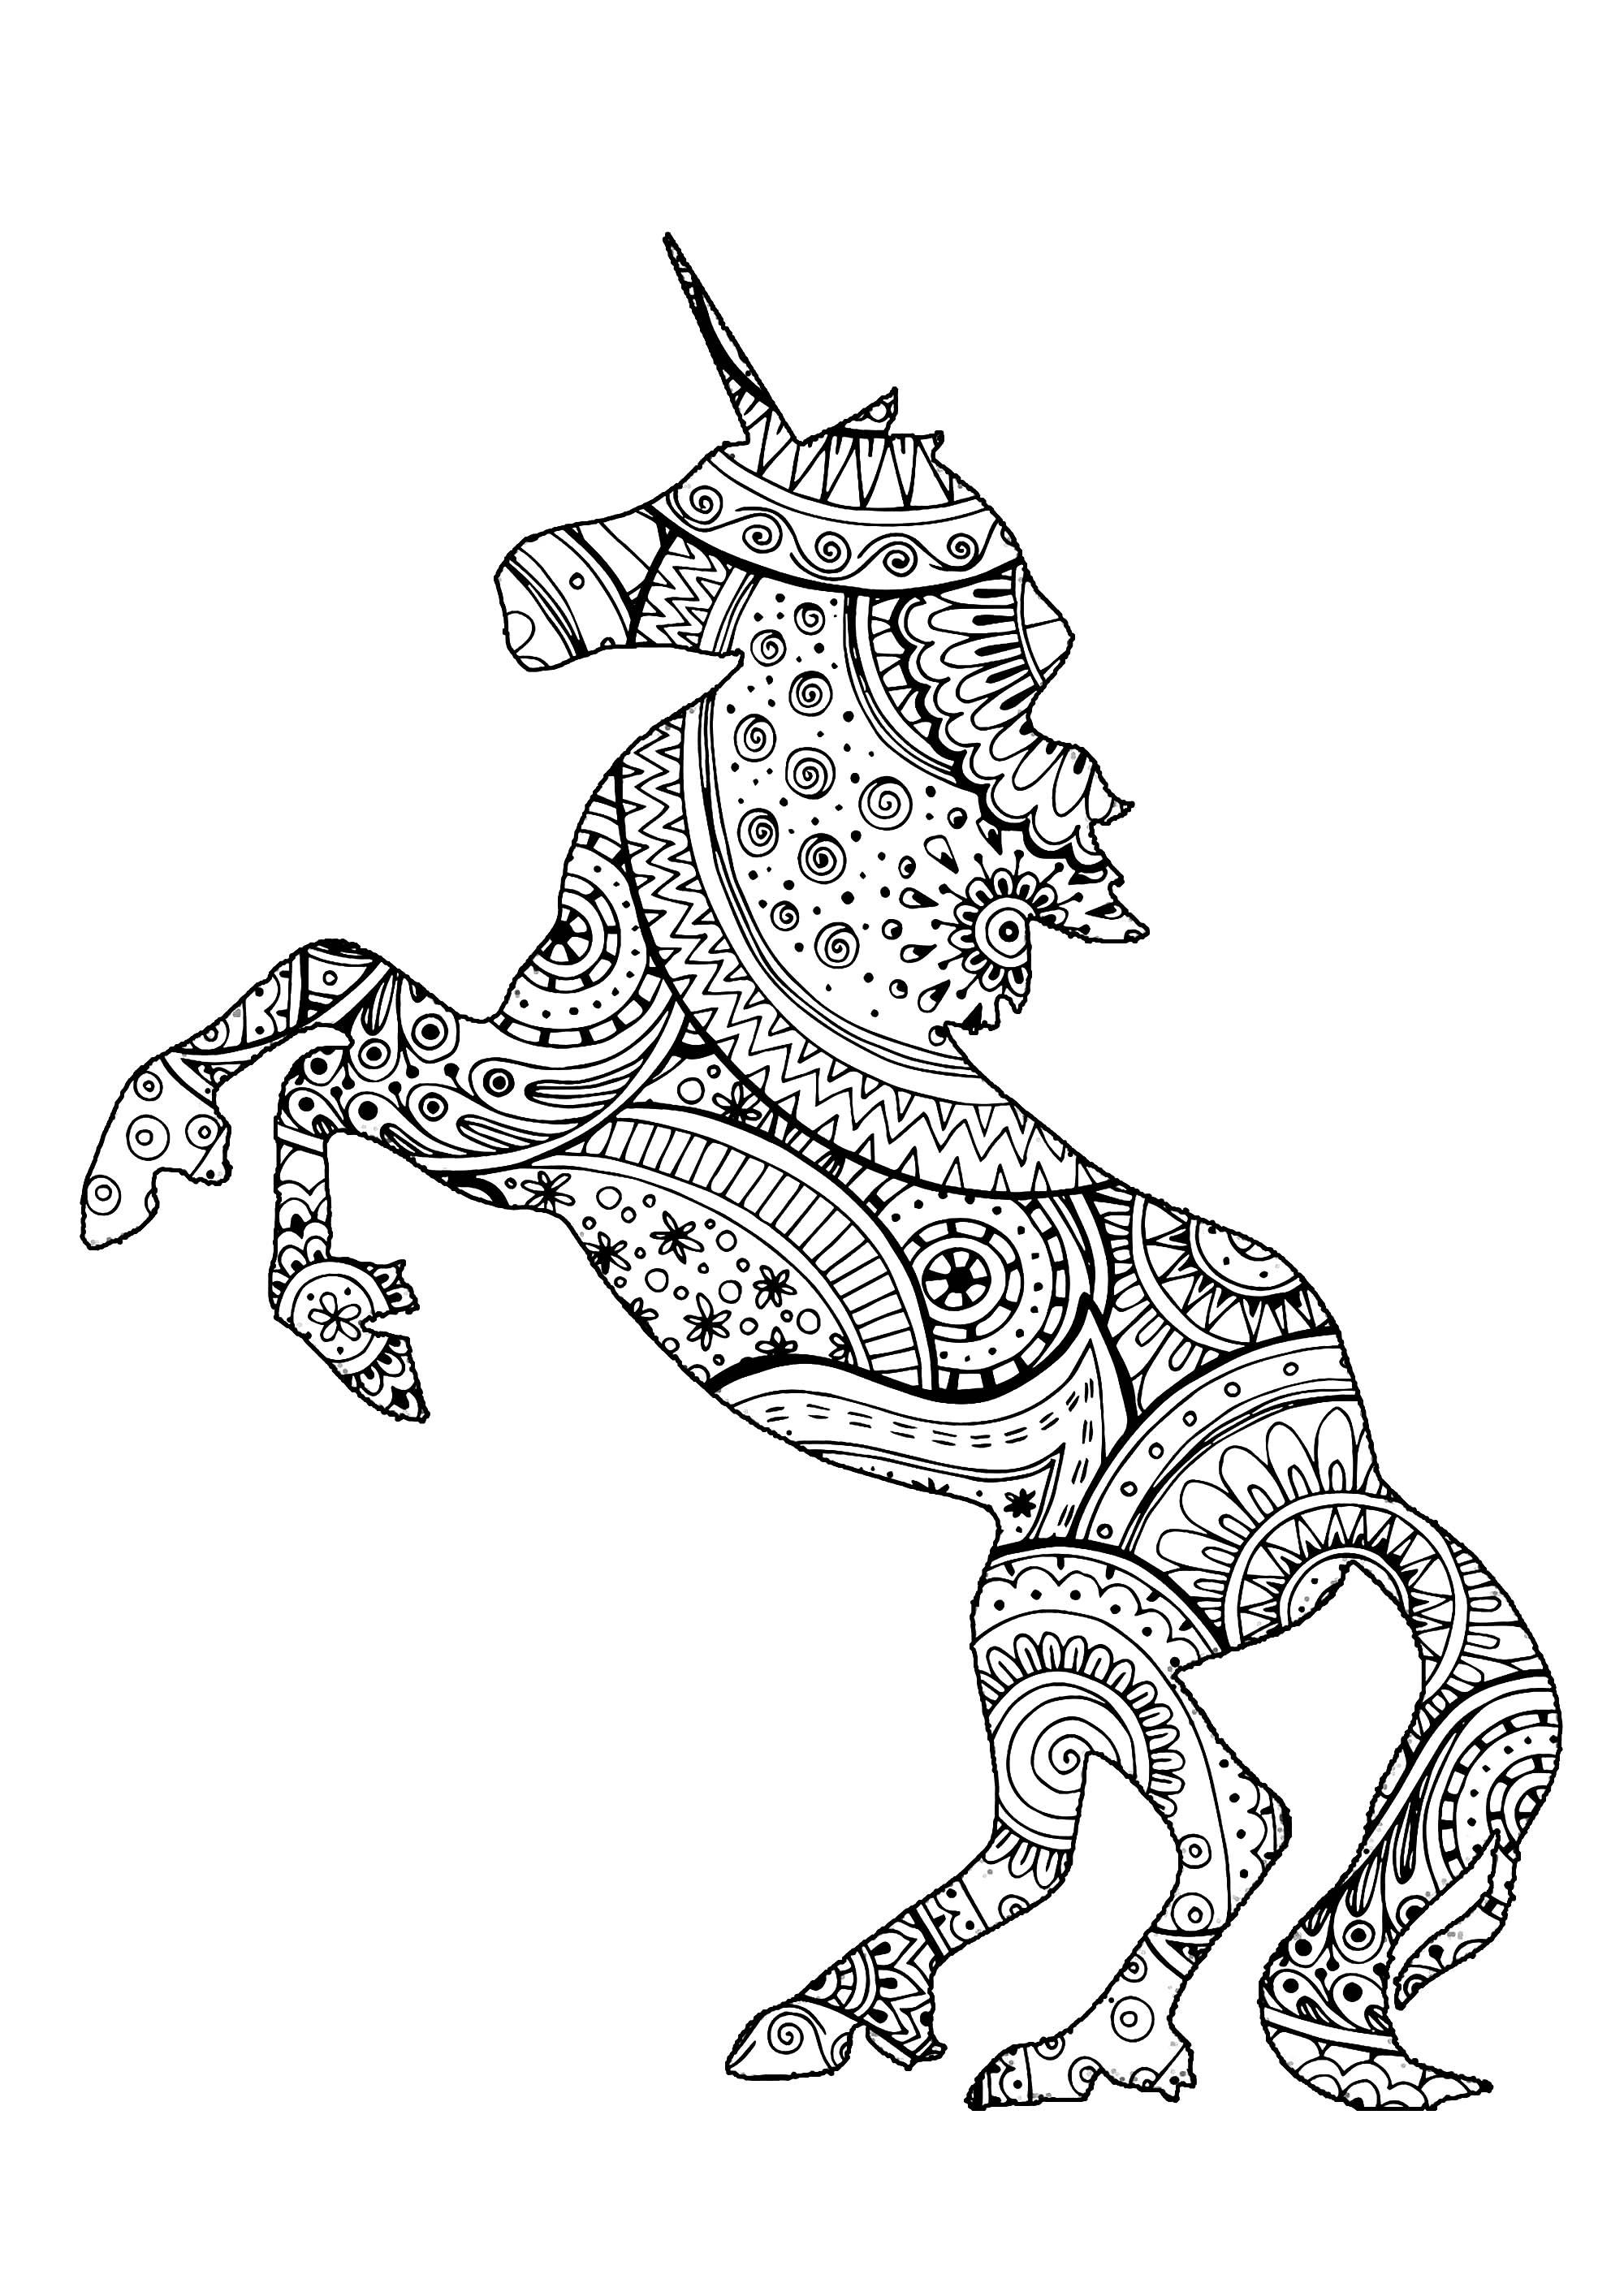 Unicorni 89963 Unicorni Disegni Da Colorare Per Adulti